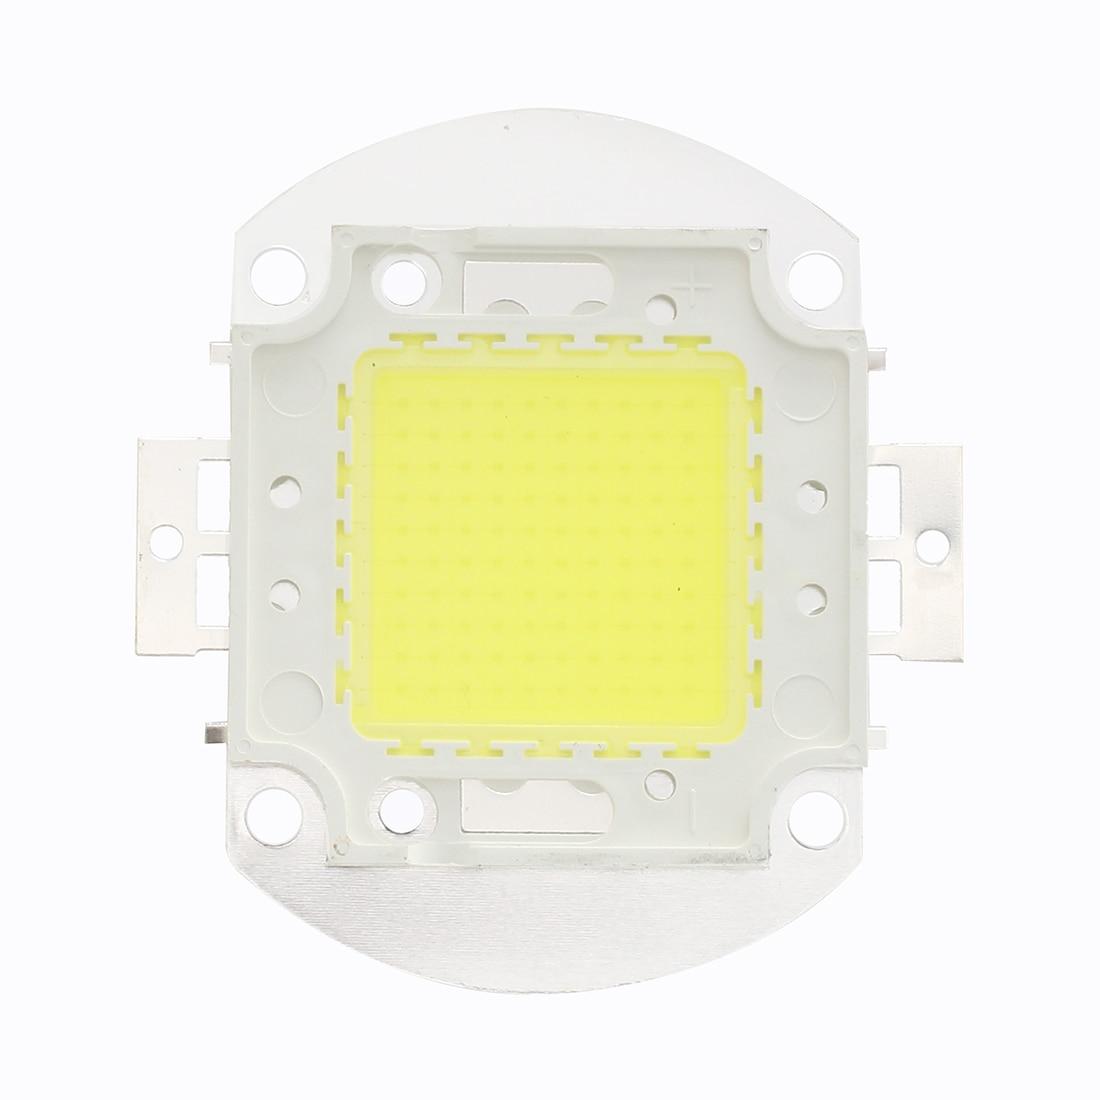 DC 32 - 34V 100W 7500 LM 6500K High Power the LED power indicator light chip - White